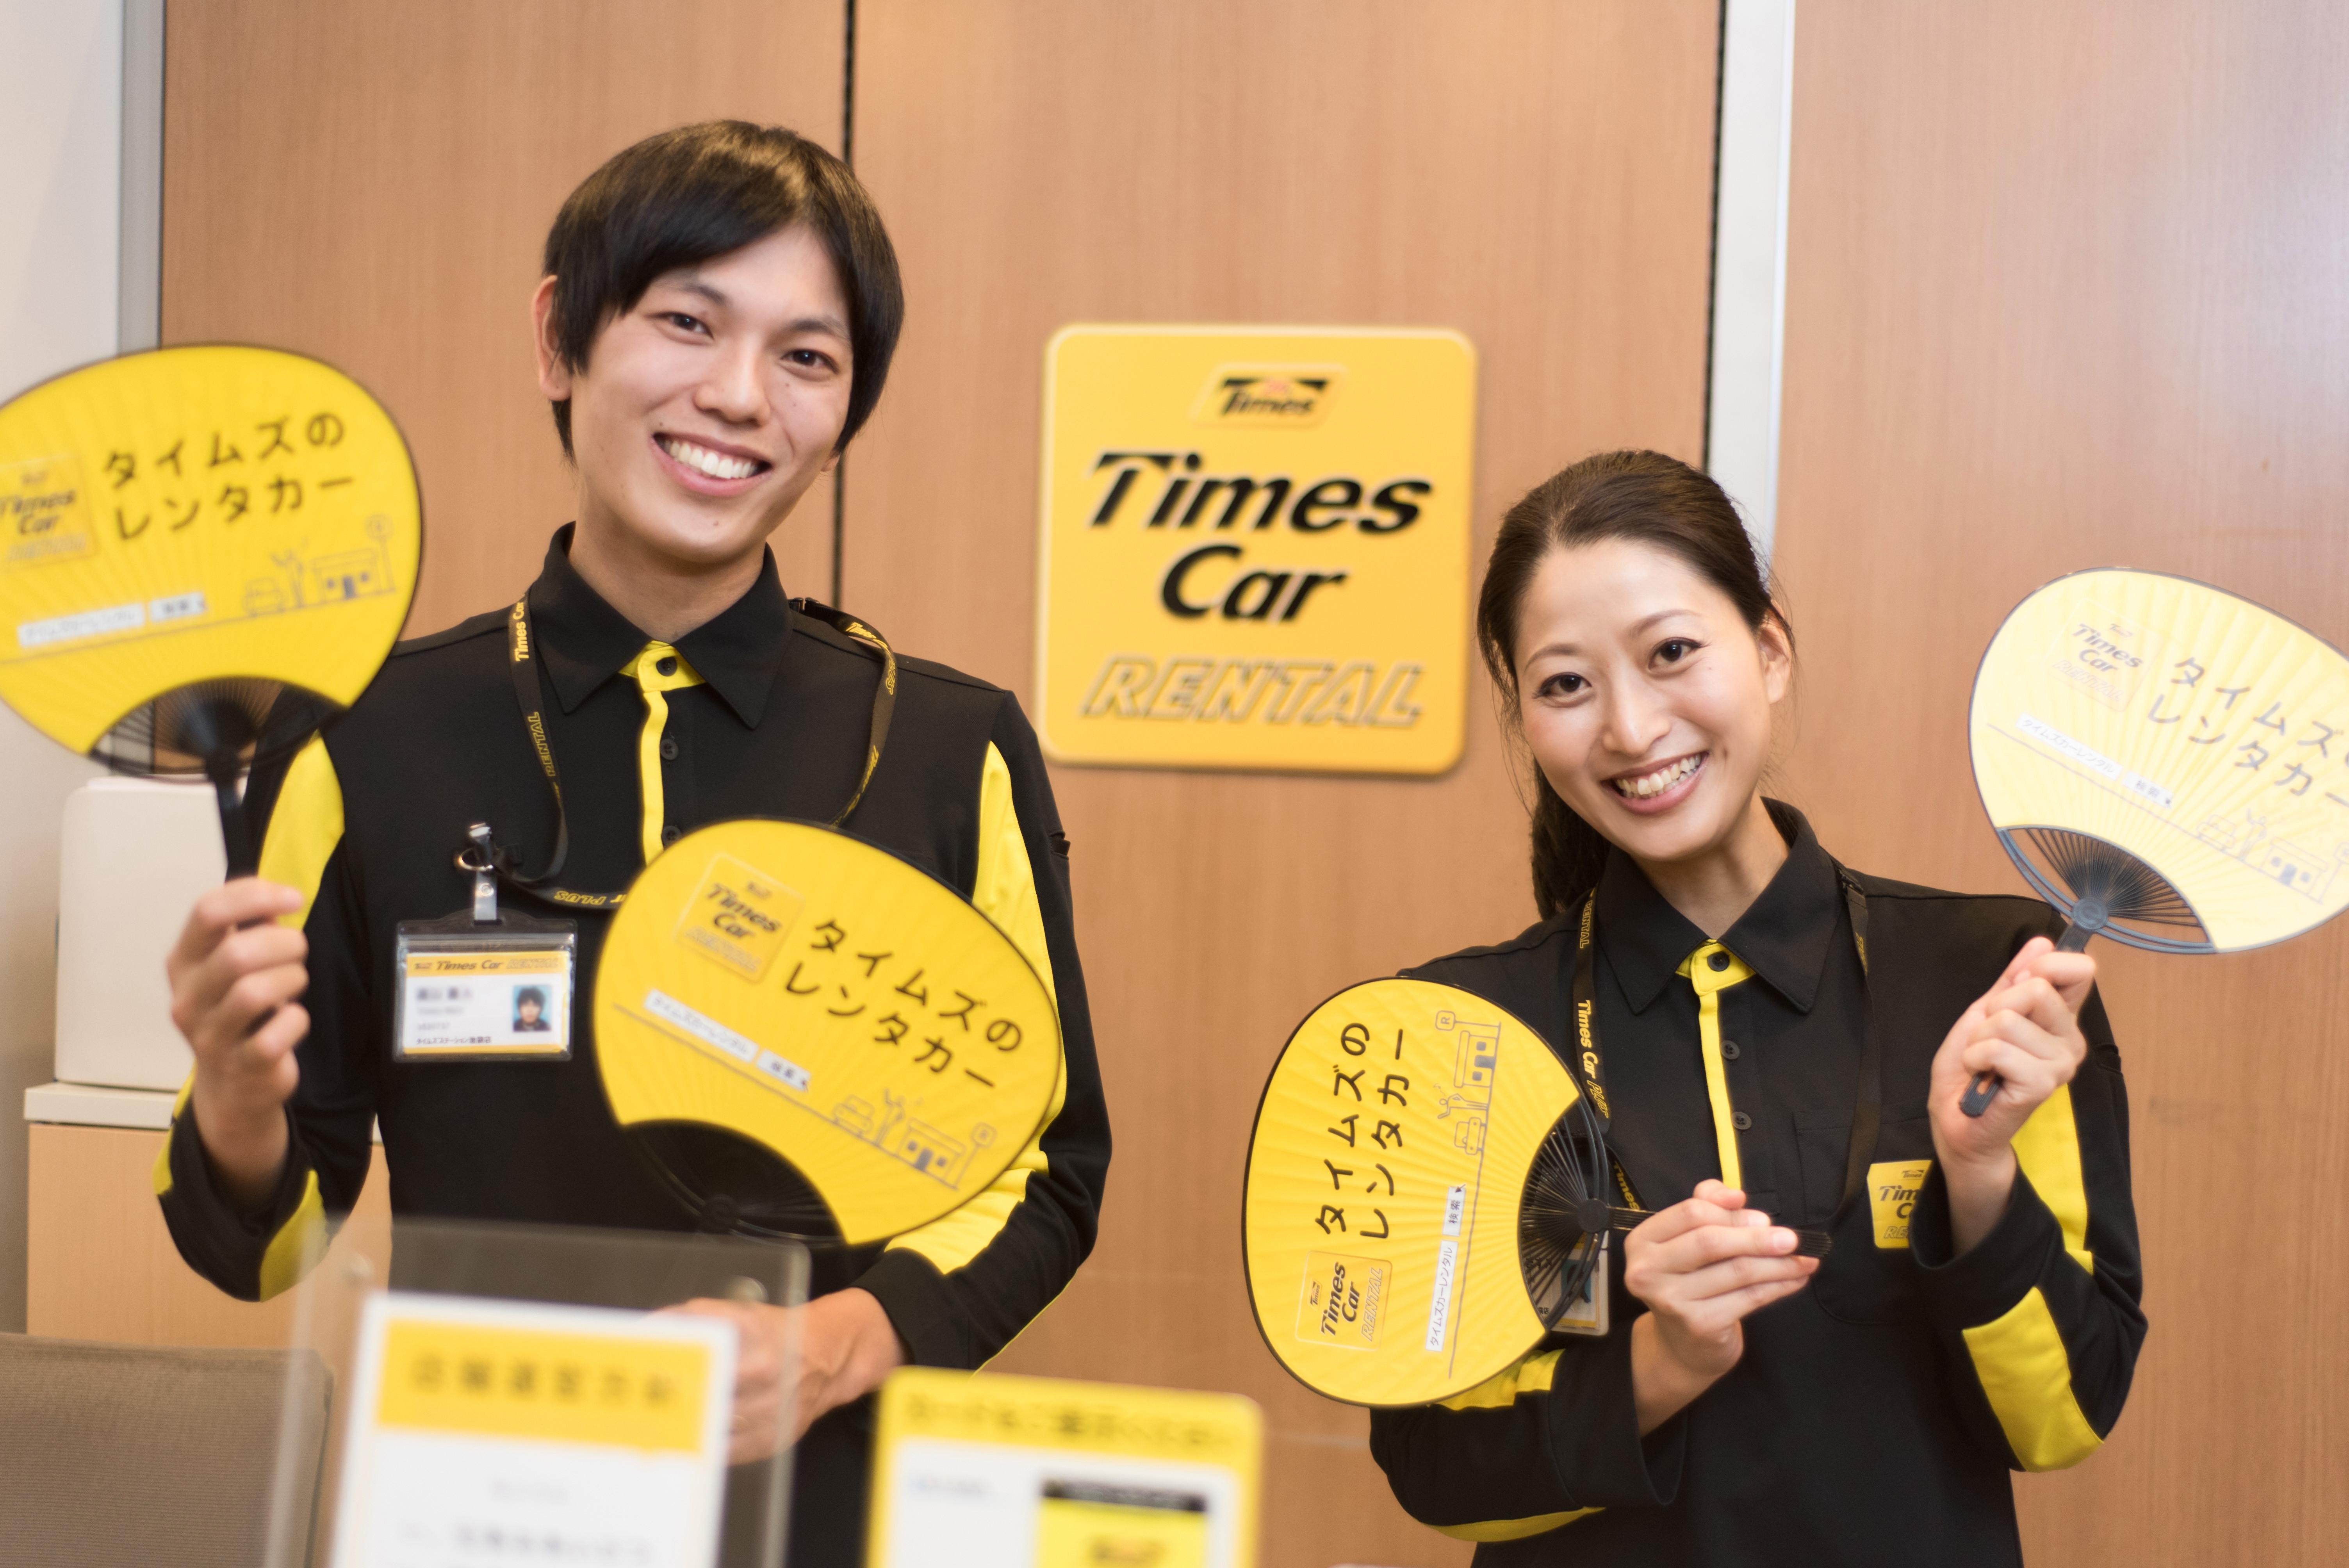 タイムズカーレンタル 福山入船店 のアルバイト情報